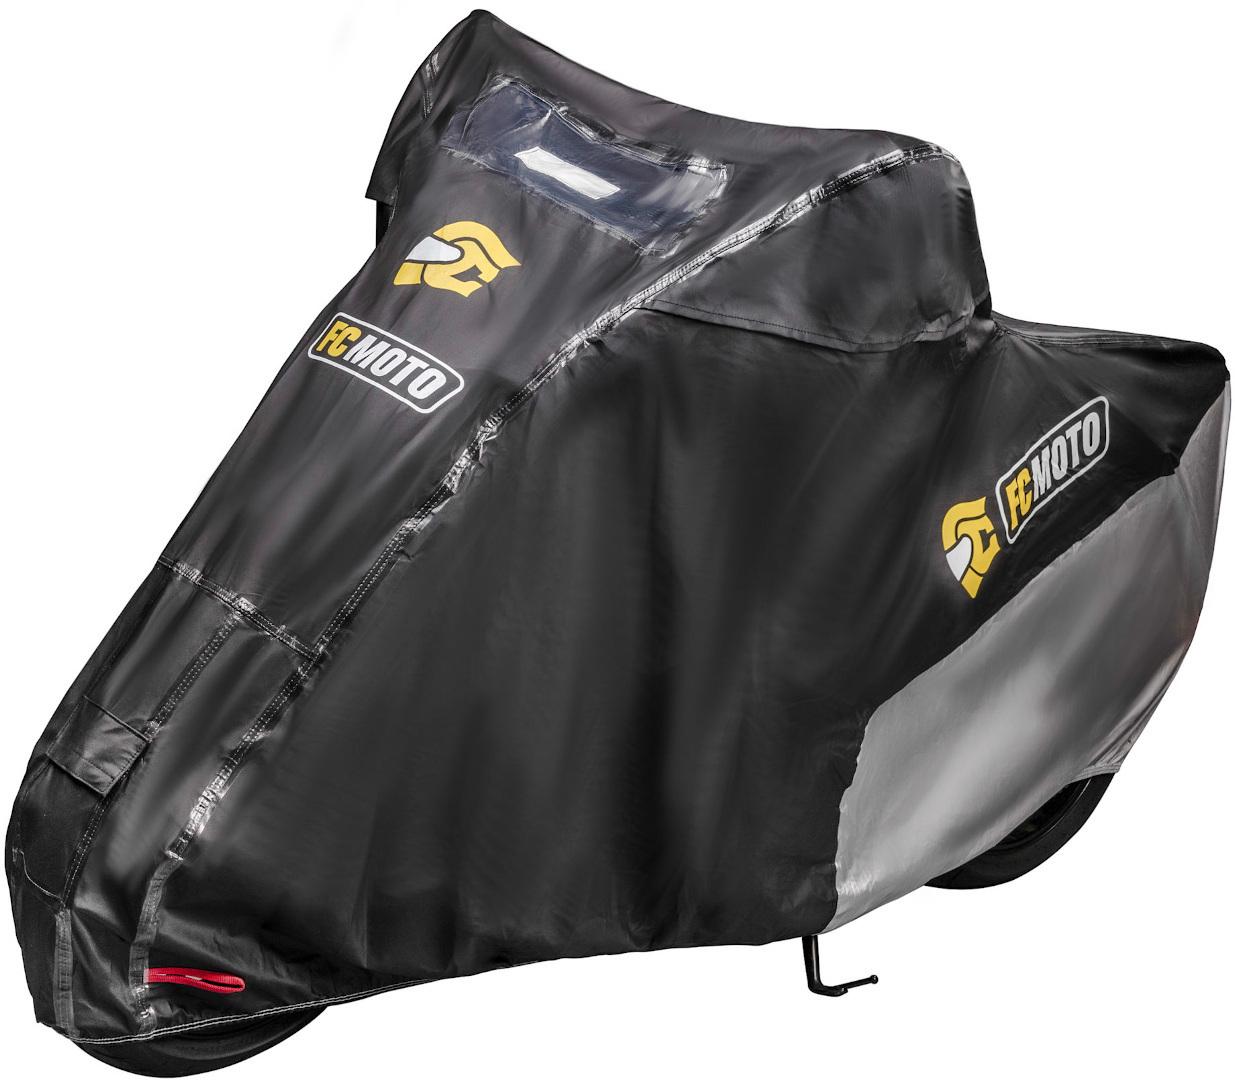 FC-Moto Premium Motorrad Abdeckplane, schwarz, Größe M, schwarz, Größe M